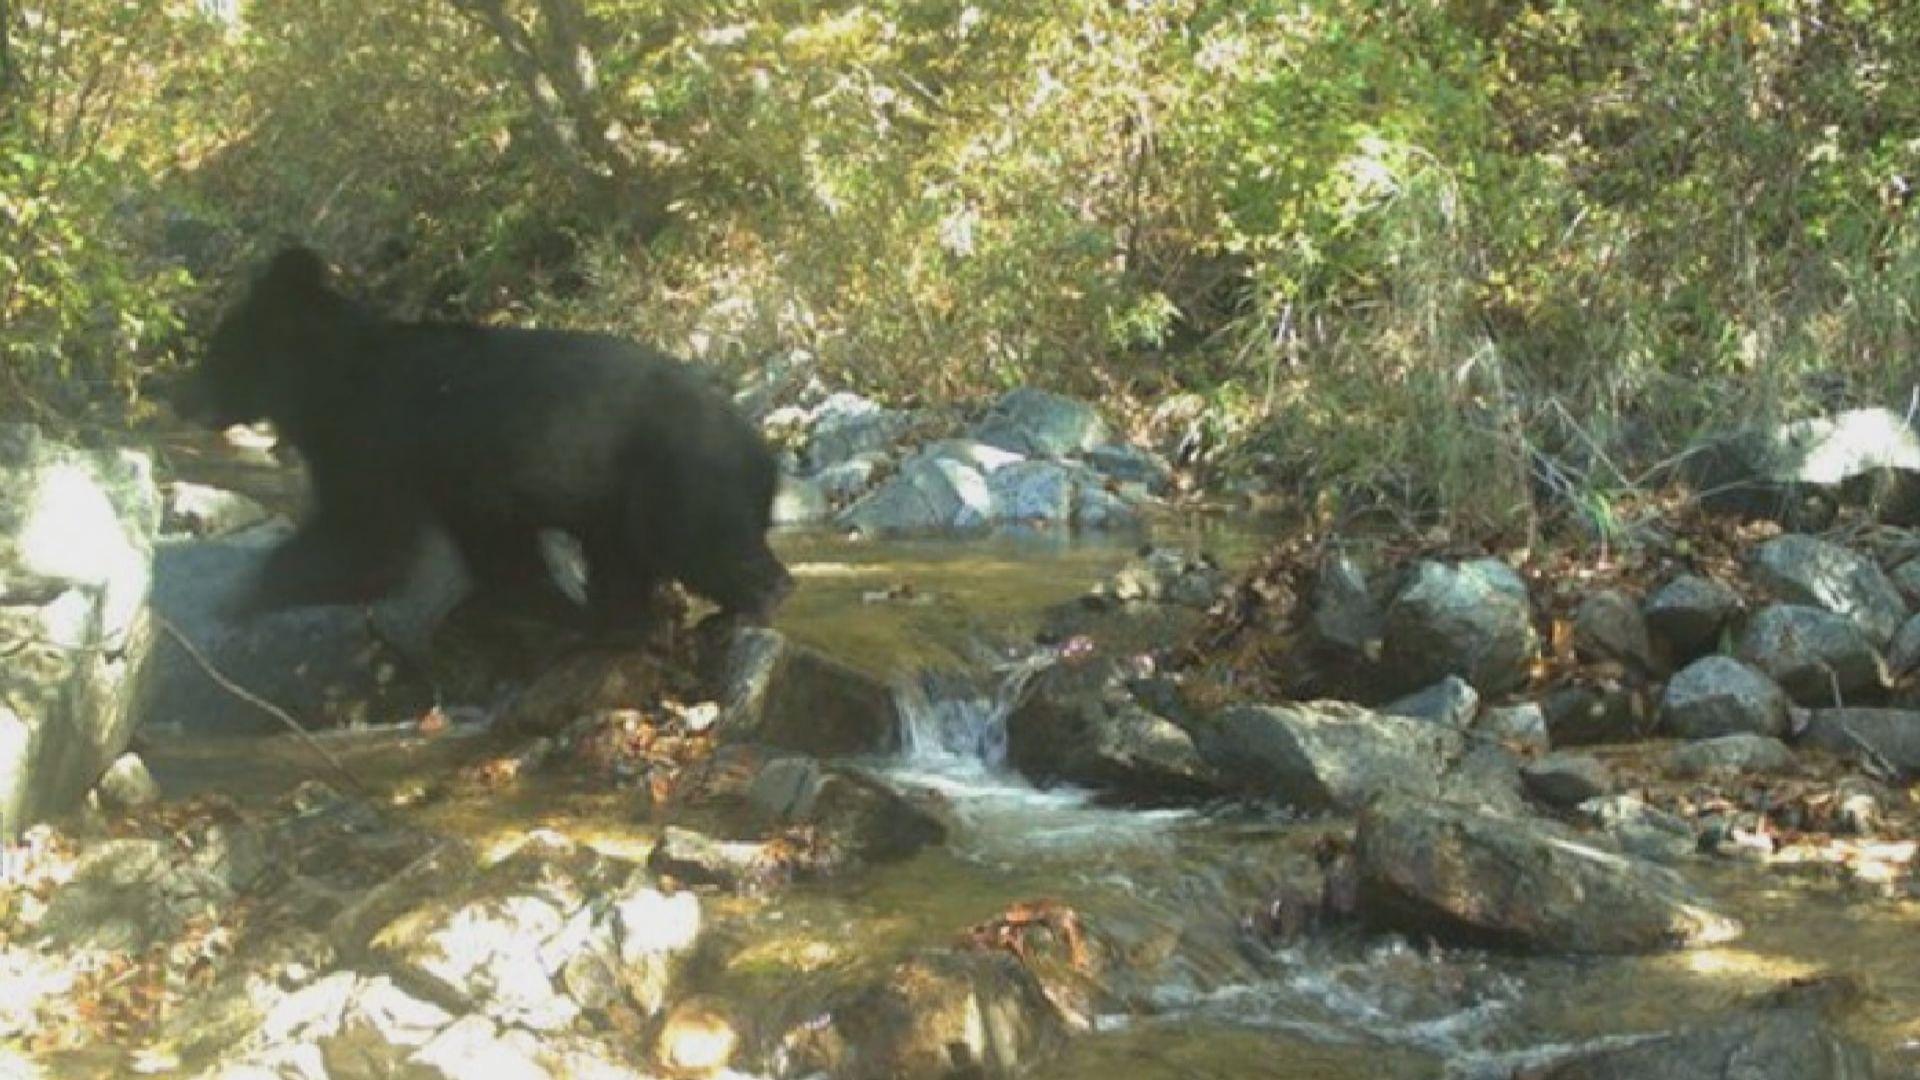 兩韓邊境非軍事區出現亞洲黑熊蹤影